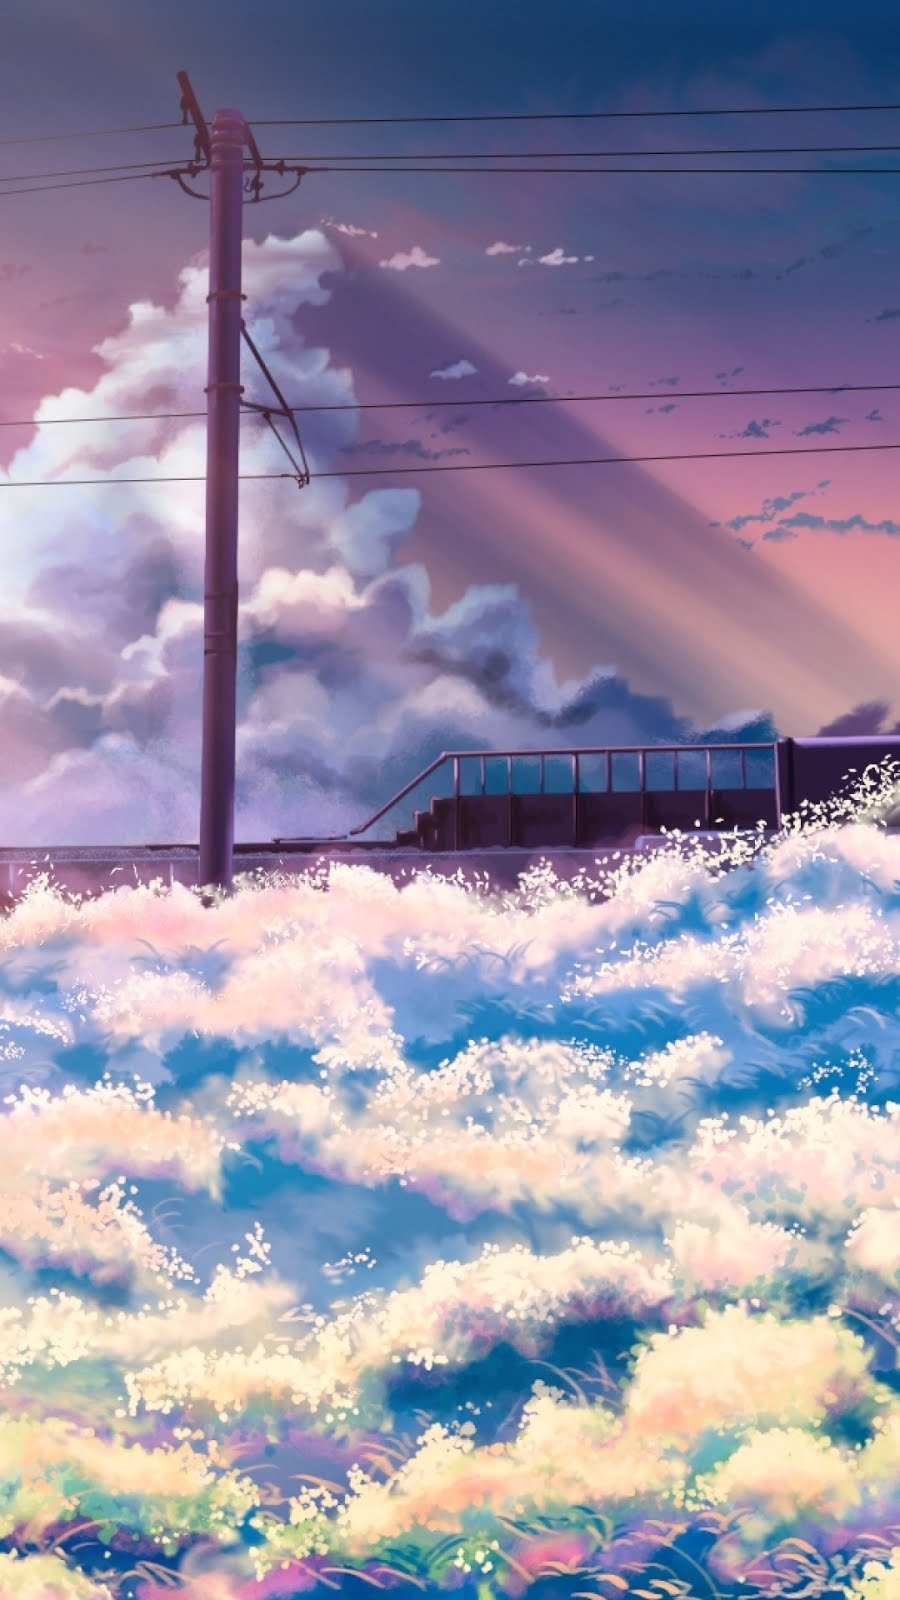 美しい風景のイラスト 壁紙 Iphone8 Iphonex 壁紙box